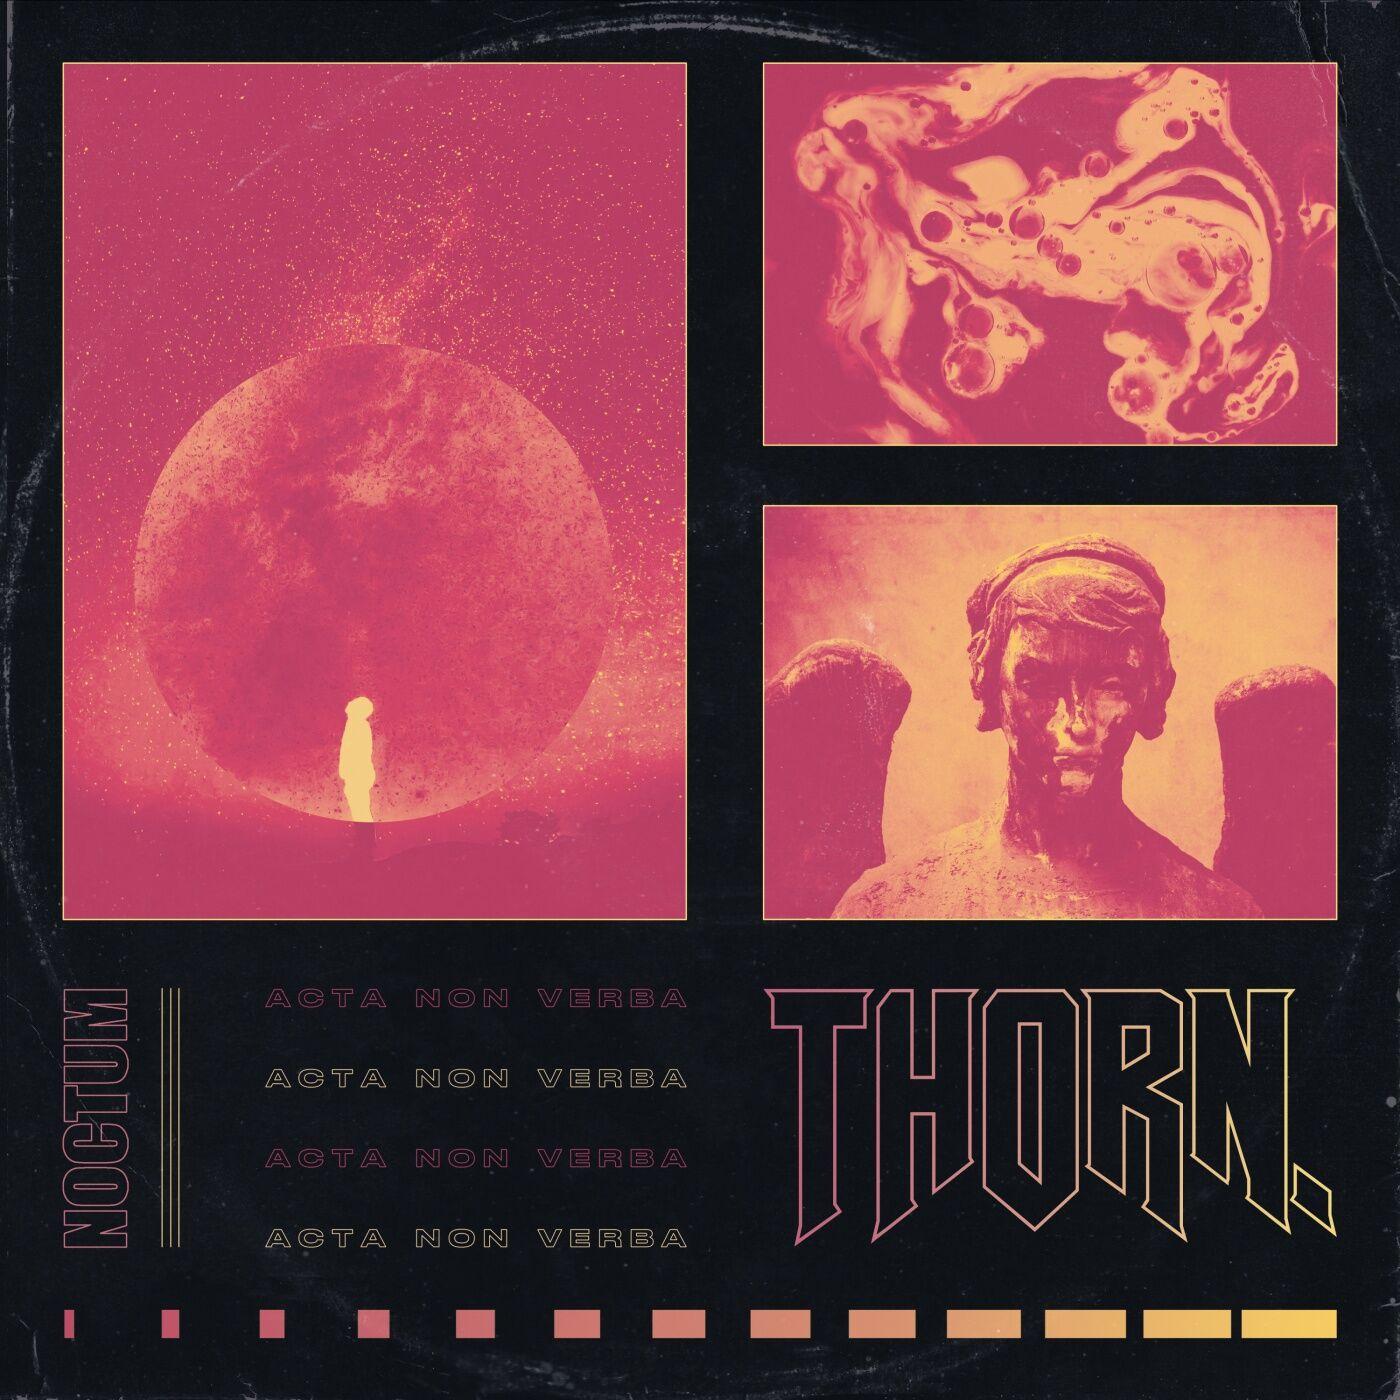 THORN. - Noctum [single] (2020)